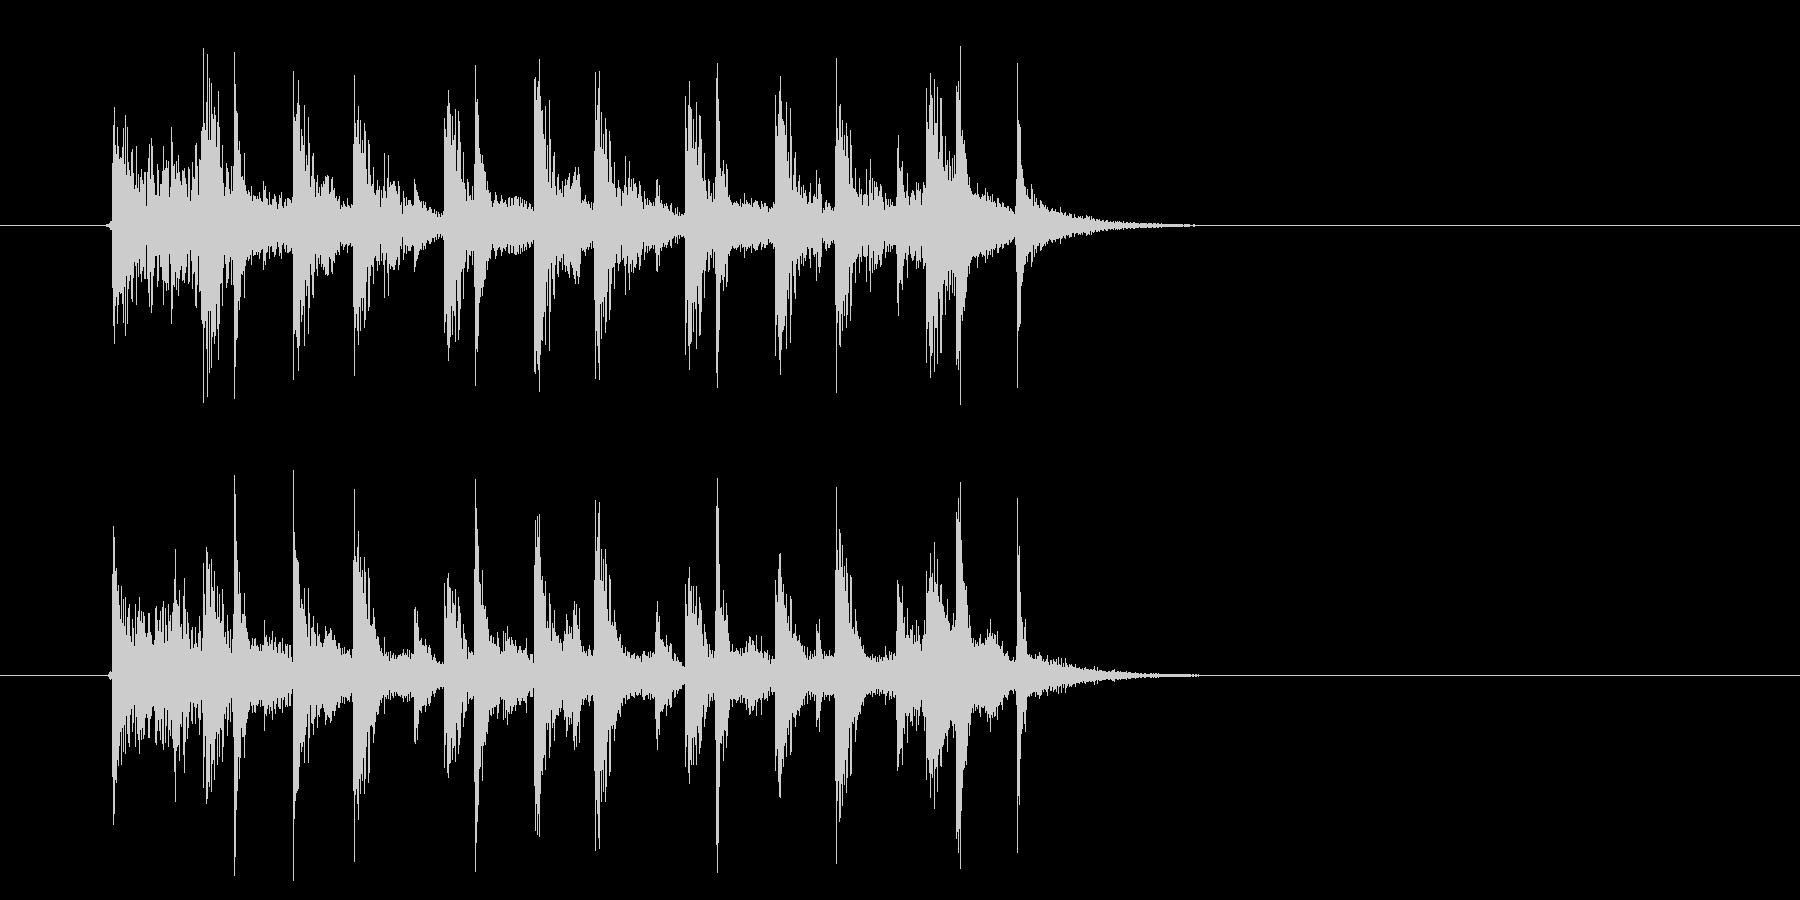 幻想的なアップテンポなテクノ音楽の未再生の波形